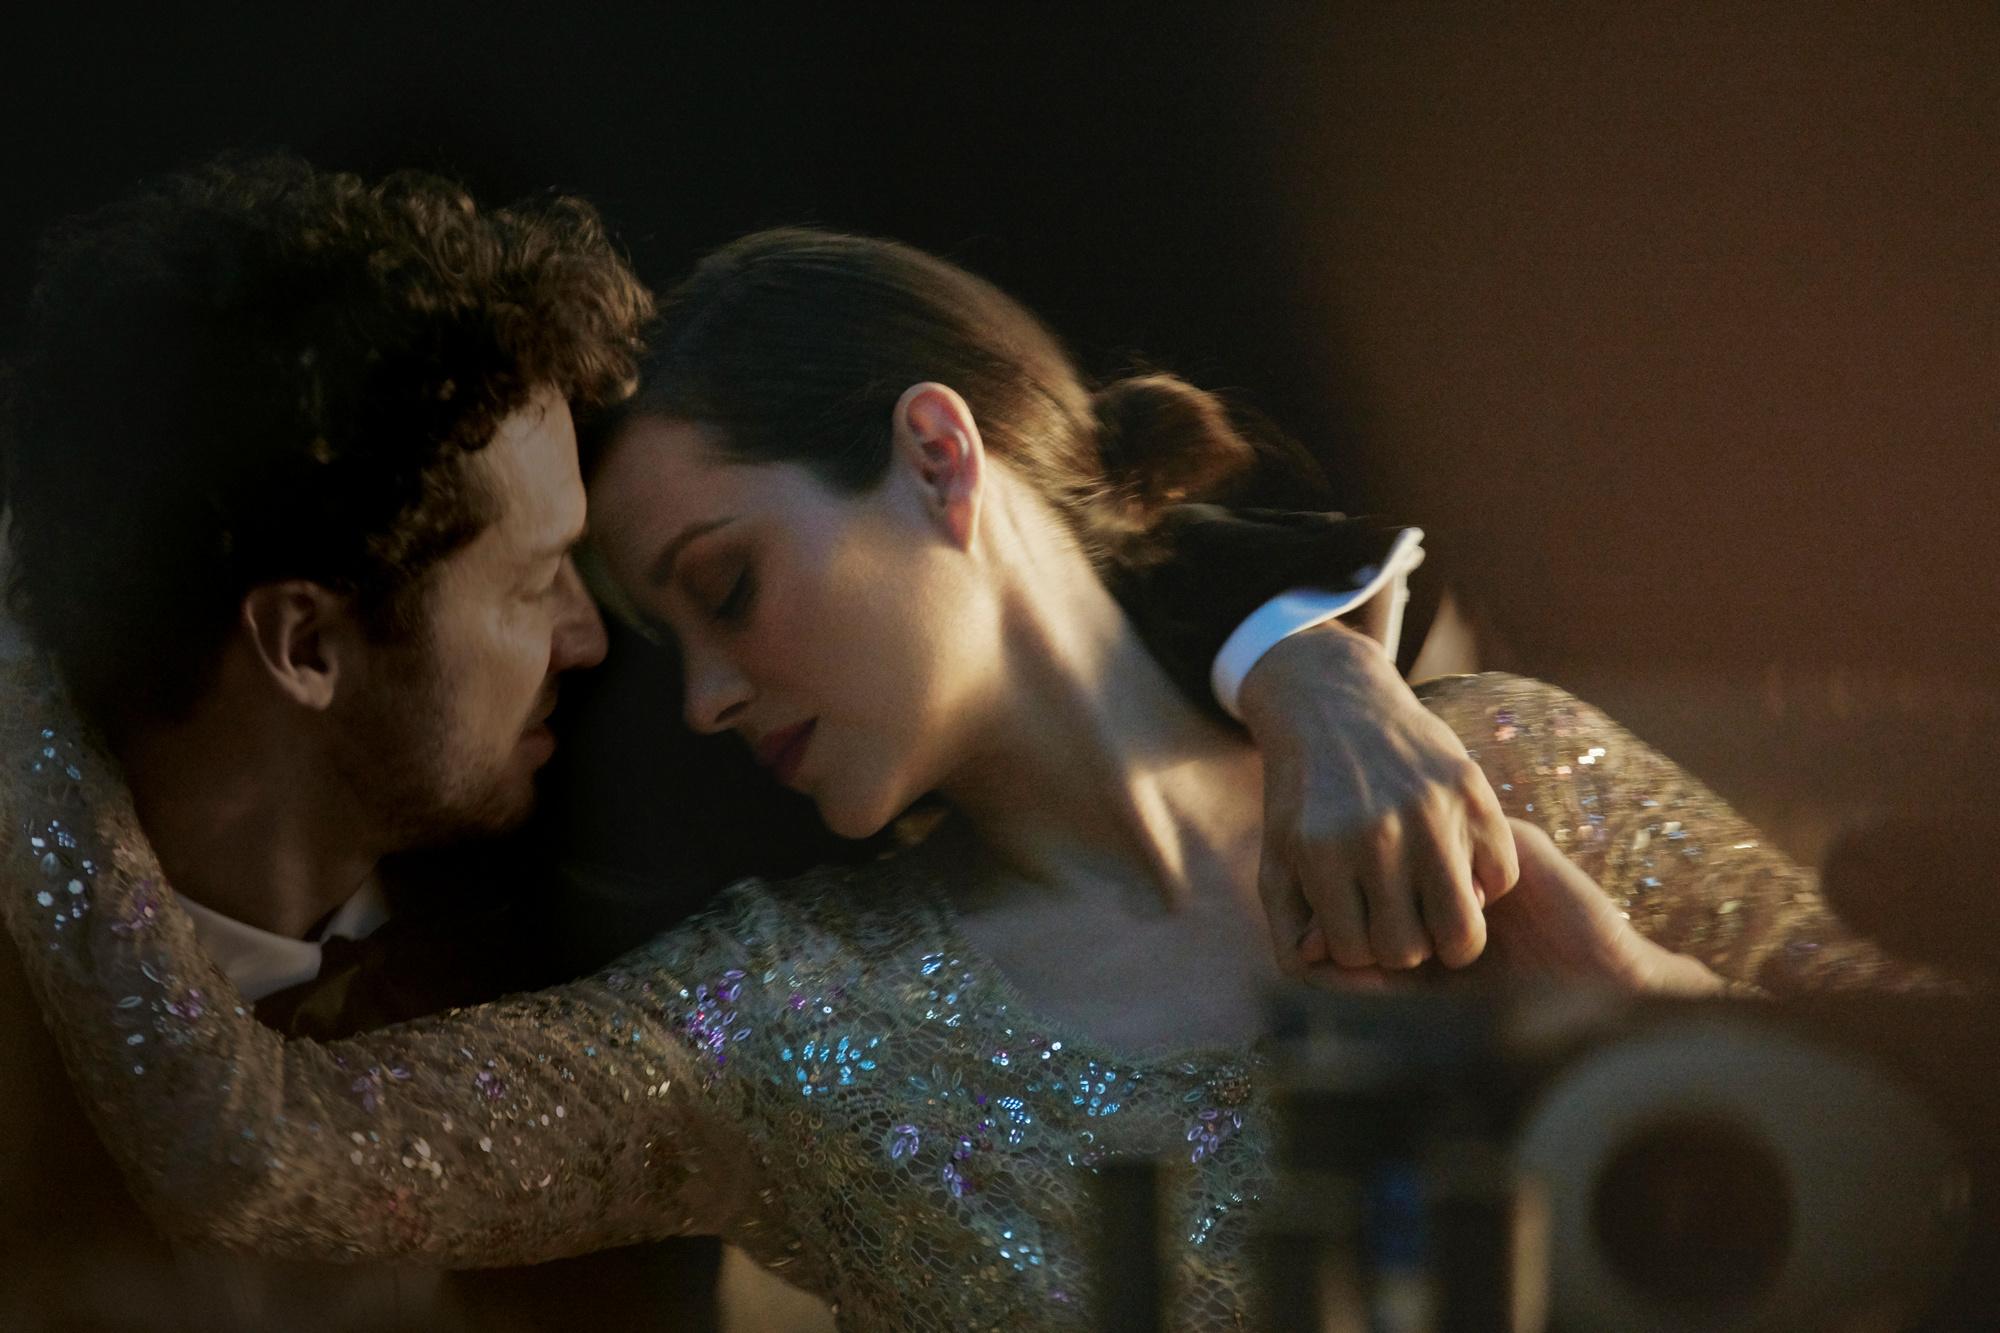 De choreografie in de video symboliseert de dynamiek van een moderne relatie., Chanel